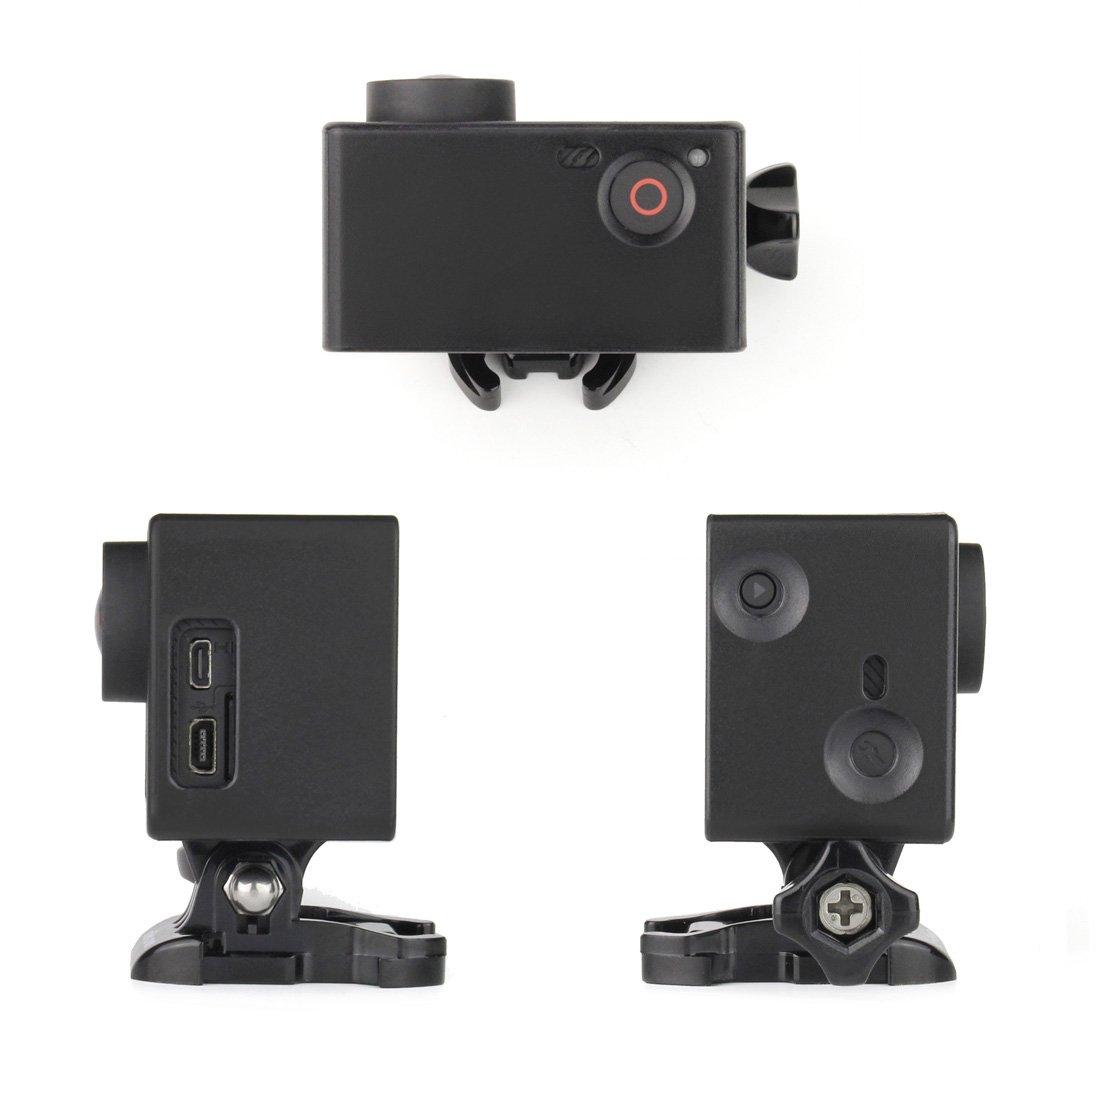 Soonsun Carcasa de montaje para cámara GoPro Hero 3, 3+, 4, 5 y 6